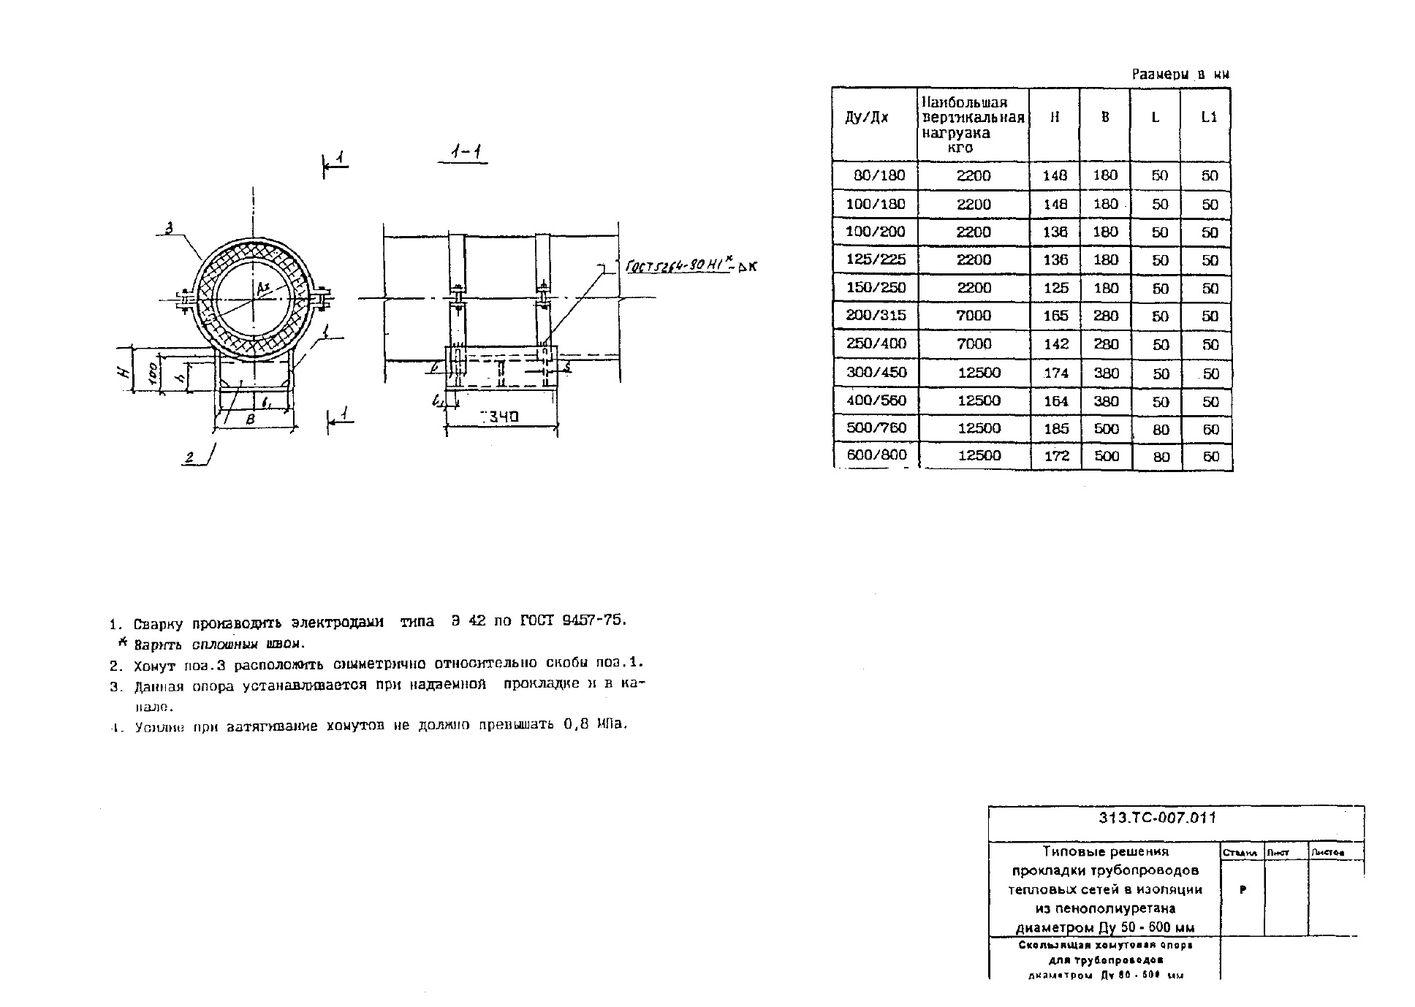 Скользящая хомутовая опора для трубопроводов Ду80-600 313.ТС-007.011